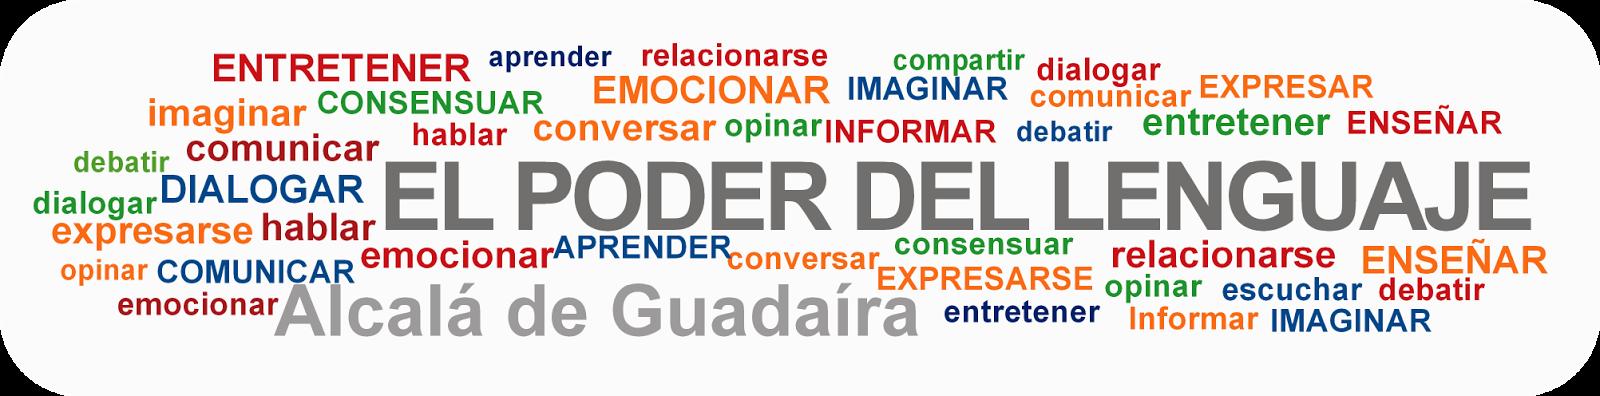 EL PODER DEL LENGUAJE   Alcalá de Guadaíra